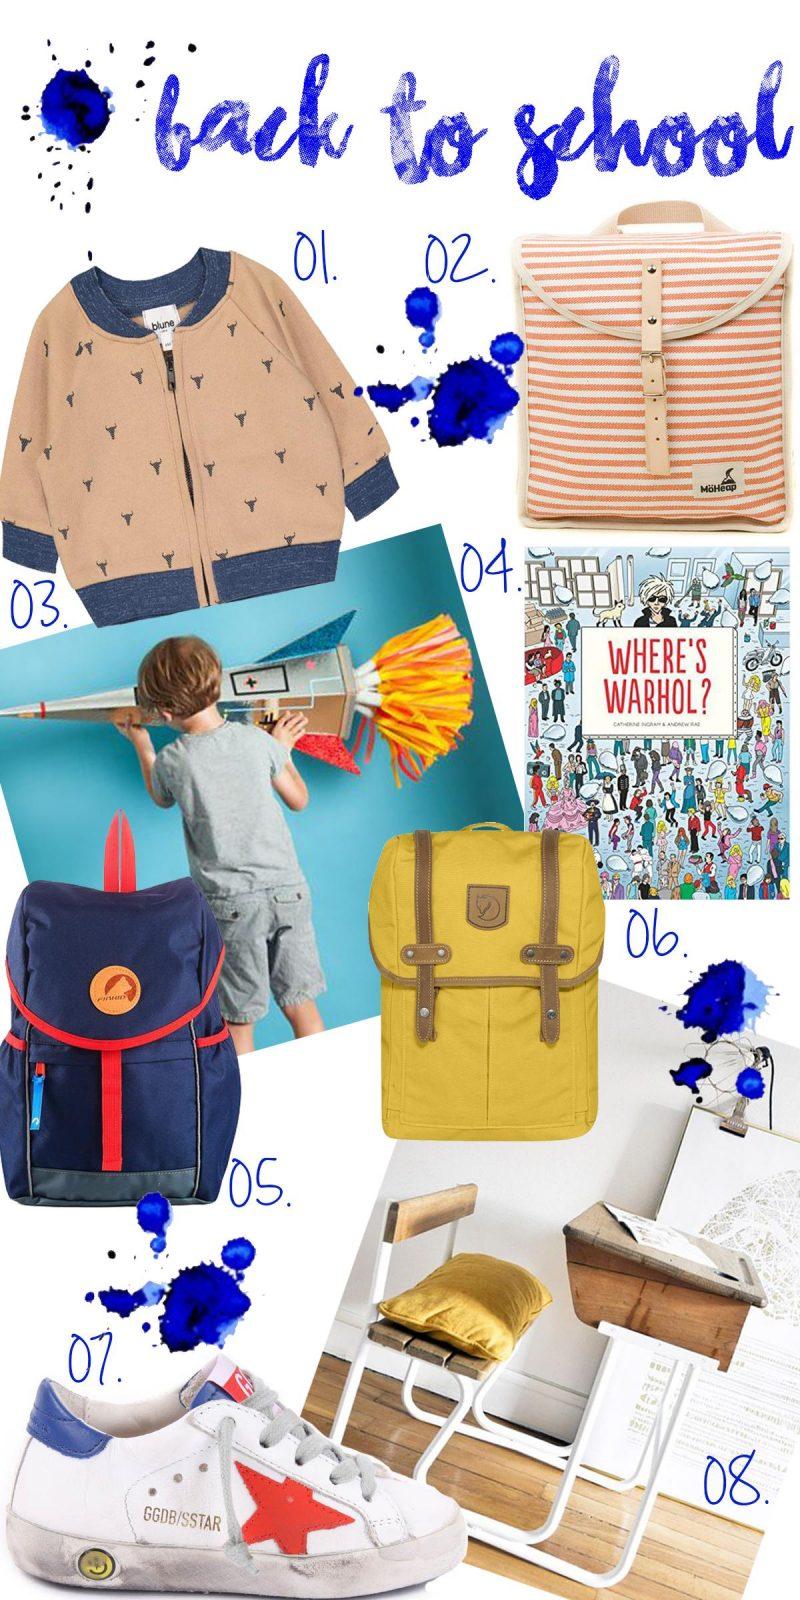 Pinterest Lieblinge für einen sensationellen Schulstart #Schulanfang #Schulstart #Backtoschool #Pinterest #Pinspiration | Pinspiration.de